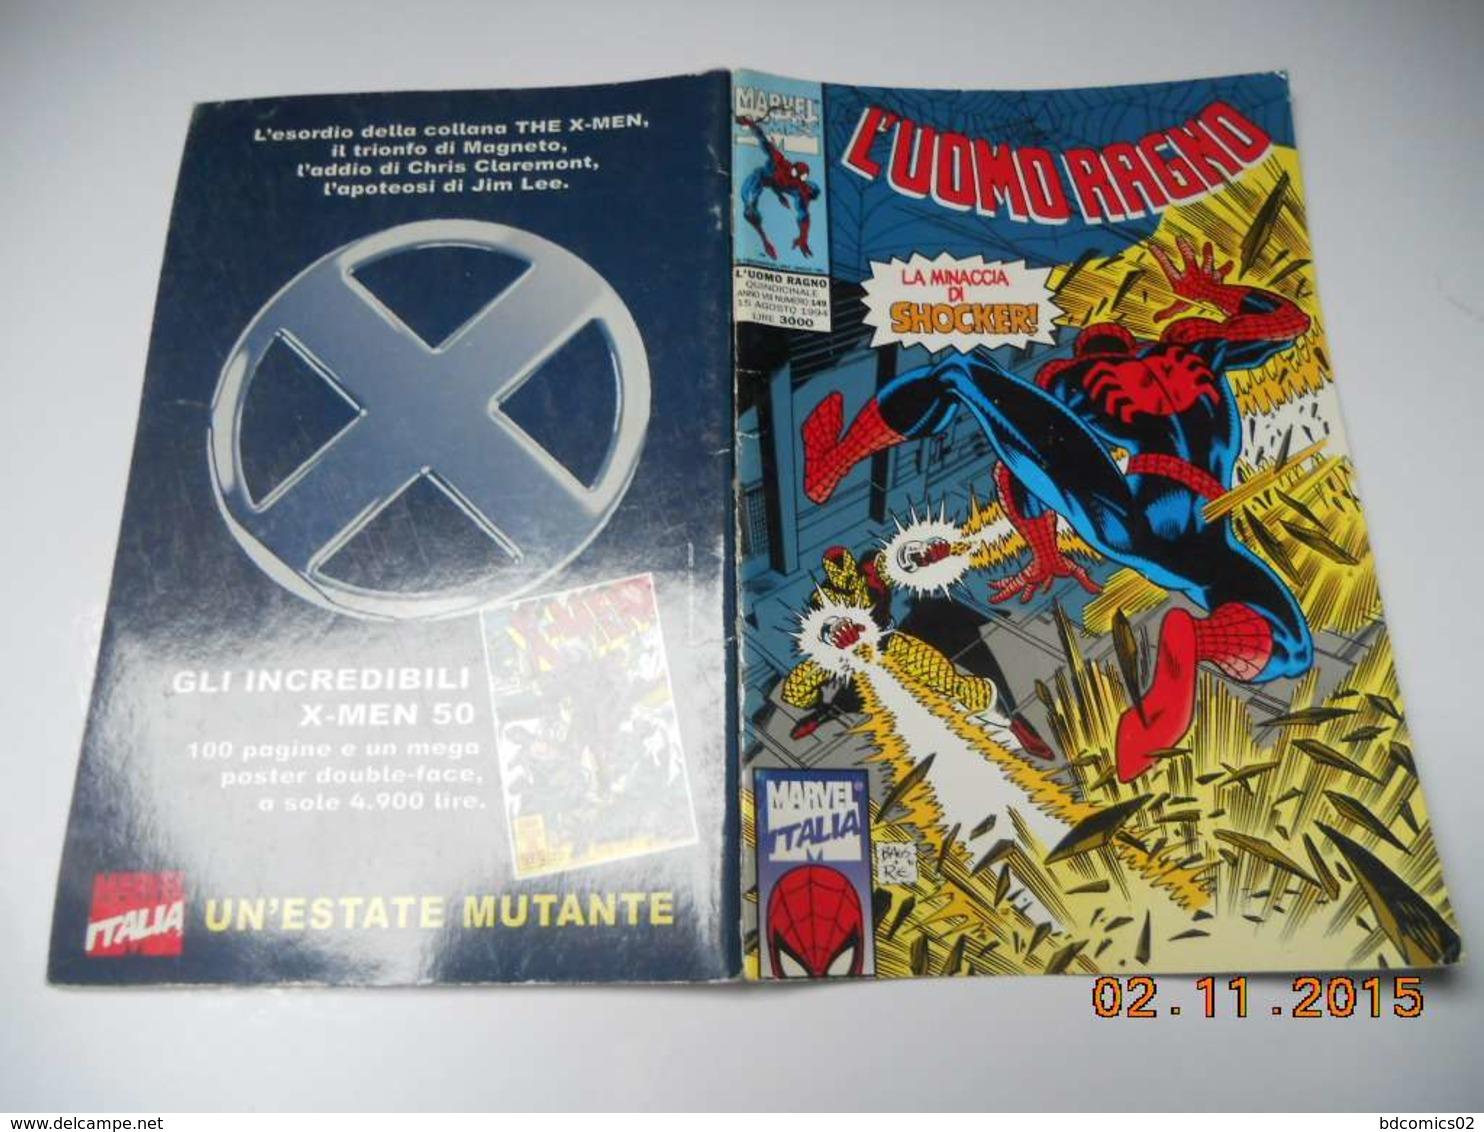 Marvel Comics L'uomo Ragno LA MINACCIA DI SHOCKER N°149 - Spider-Man